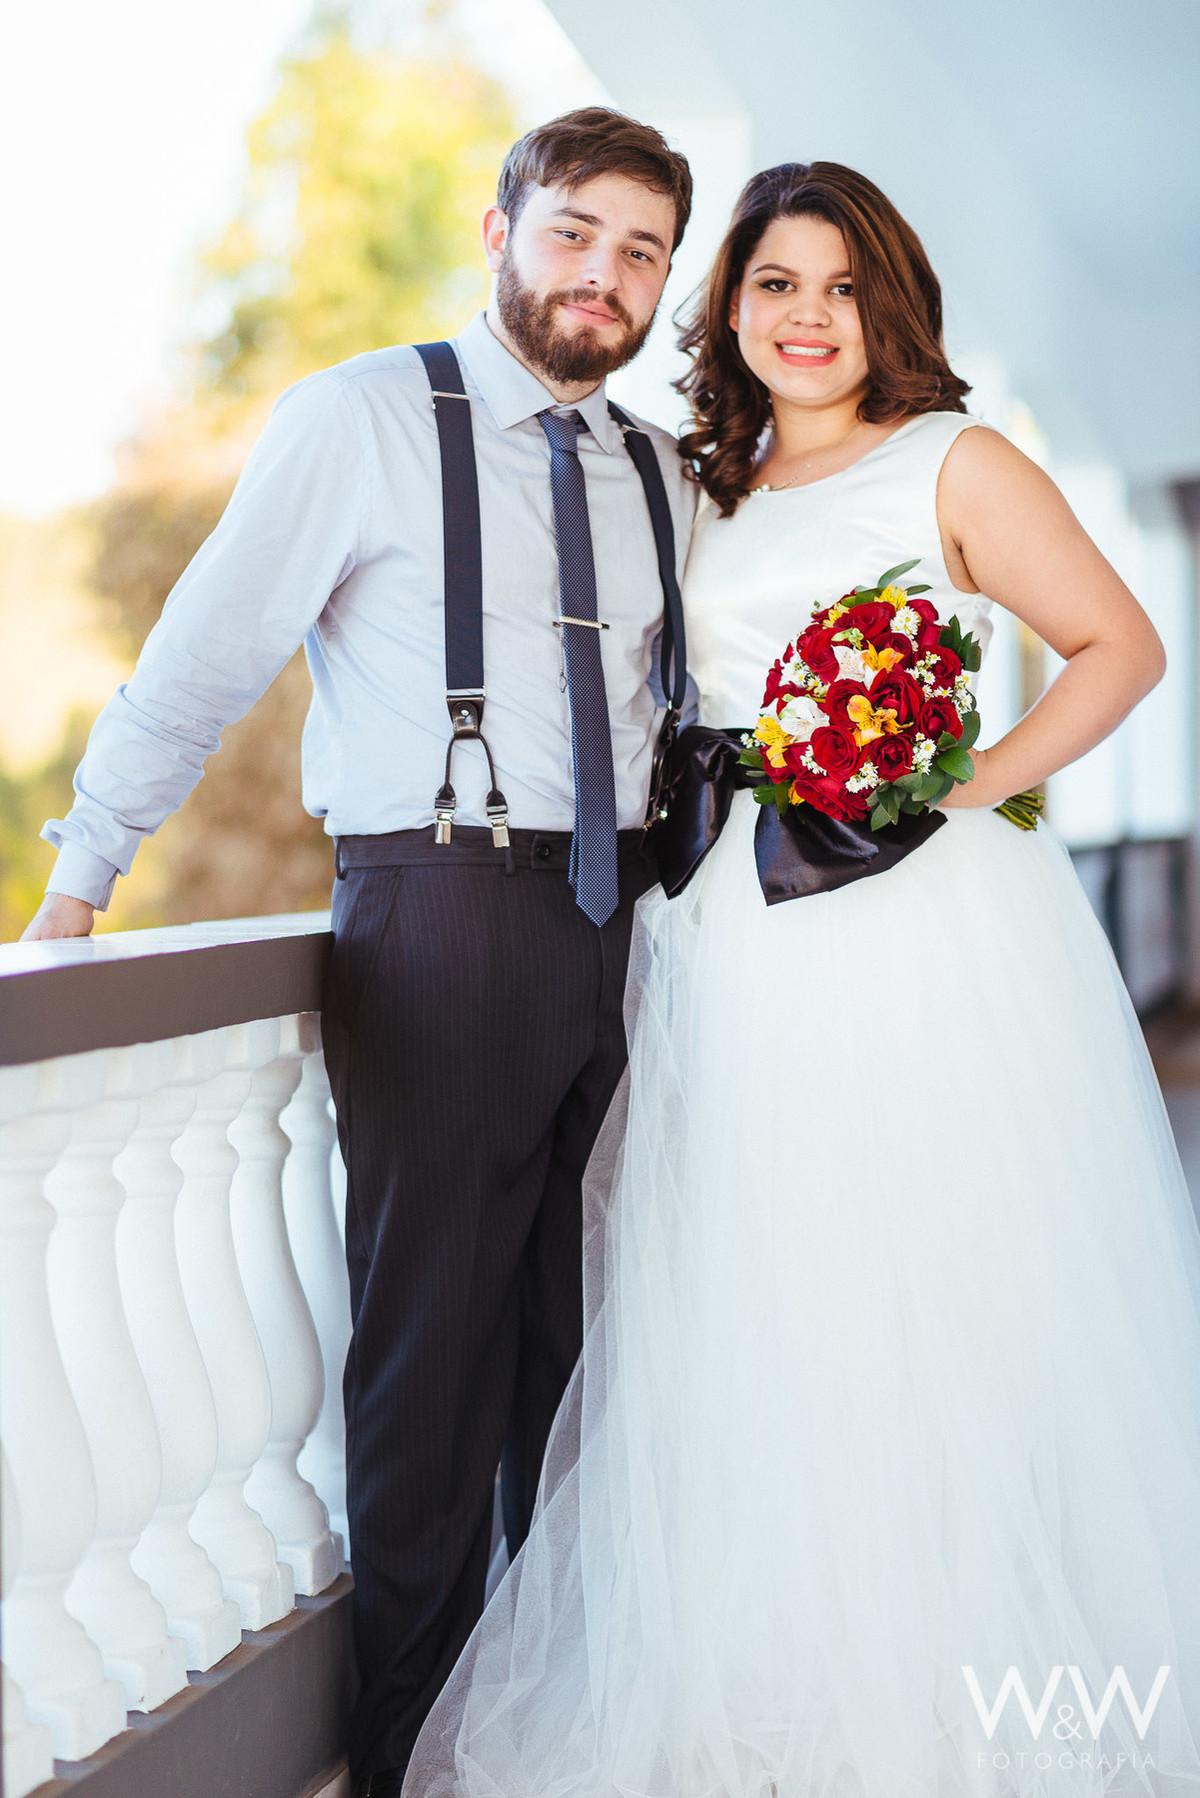 casamento salesopolis sp ar livre  noivos